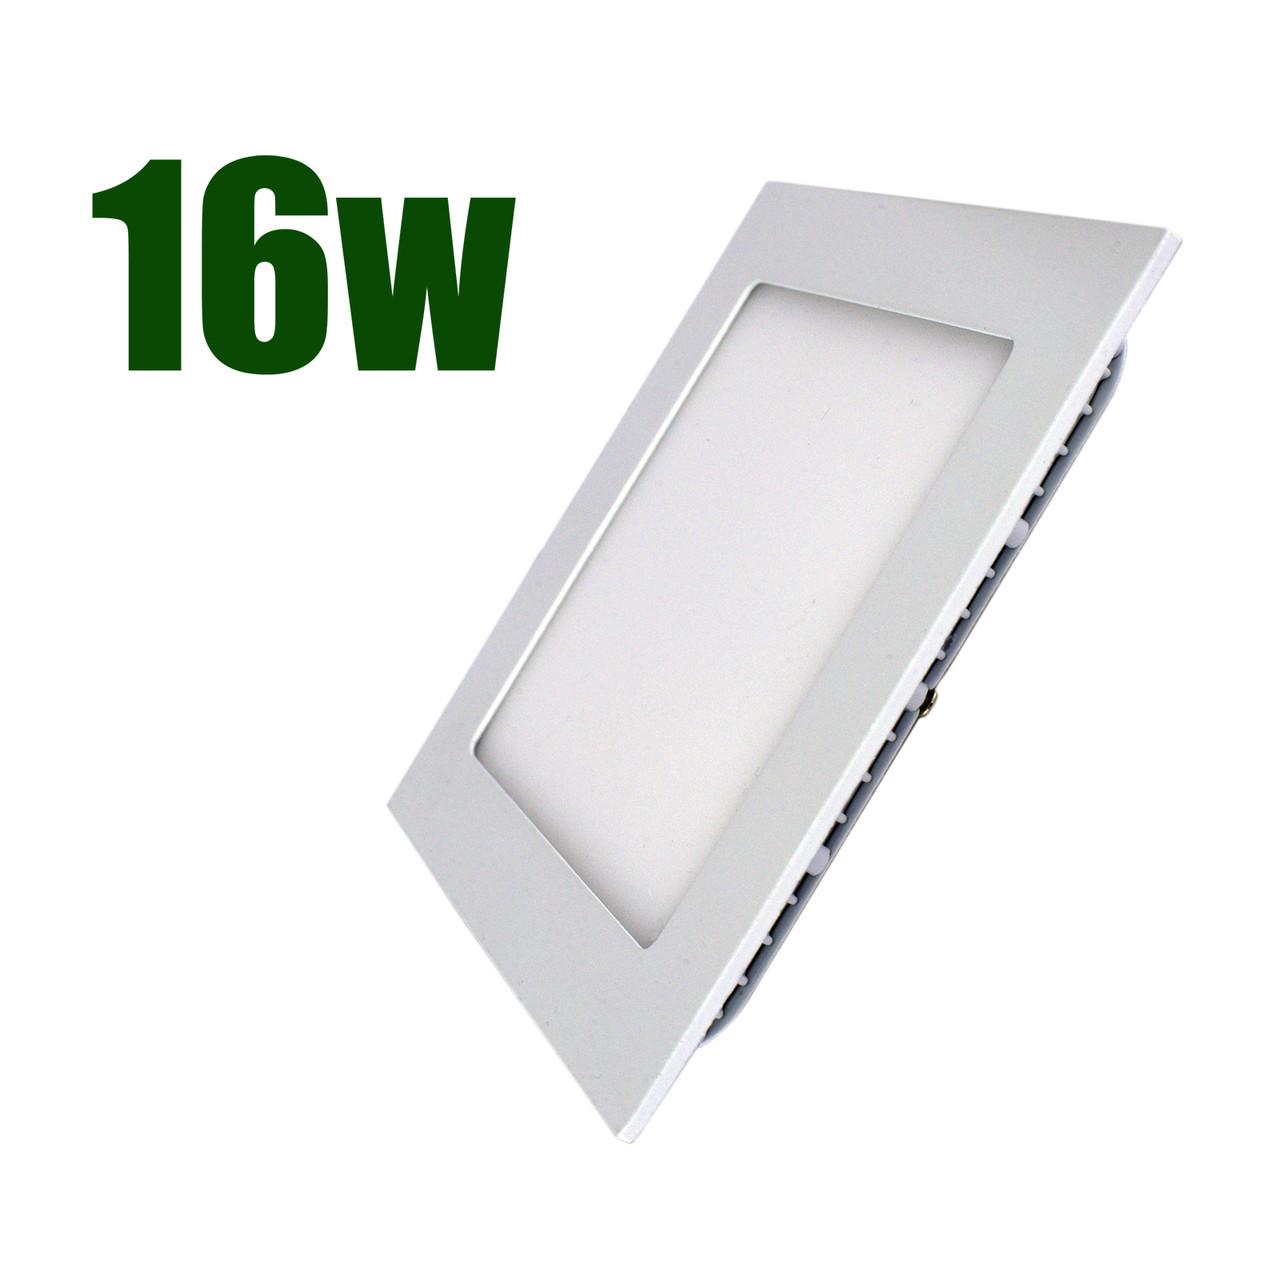 Светильник светодиодный встраиваемый LEDEX 16Вт 4000K 1440lm квадрат белый (102239)